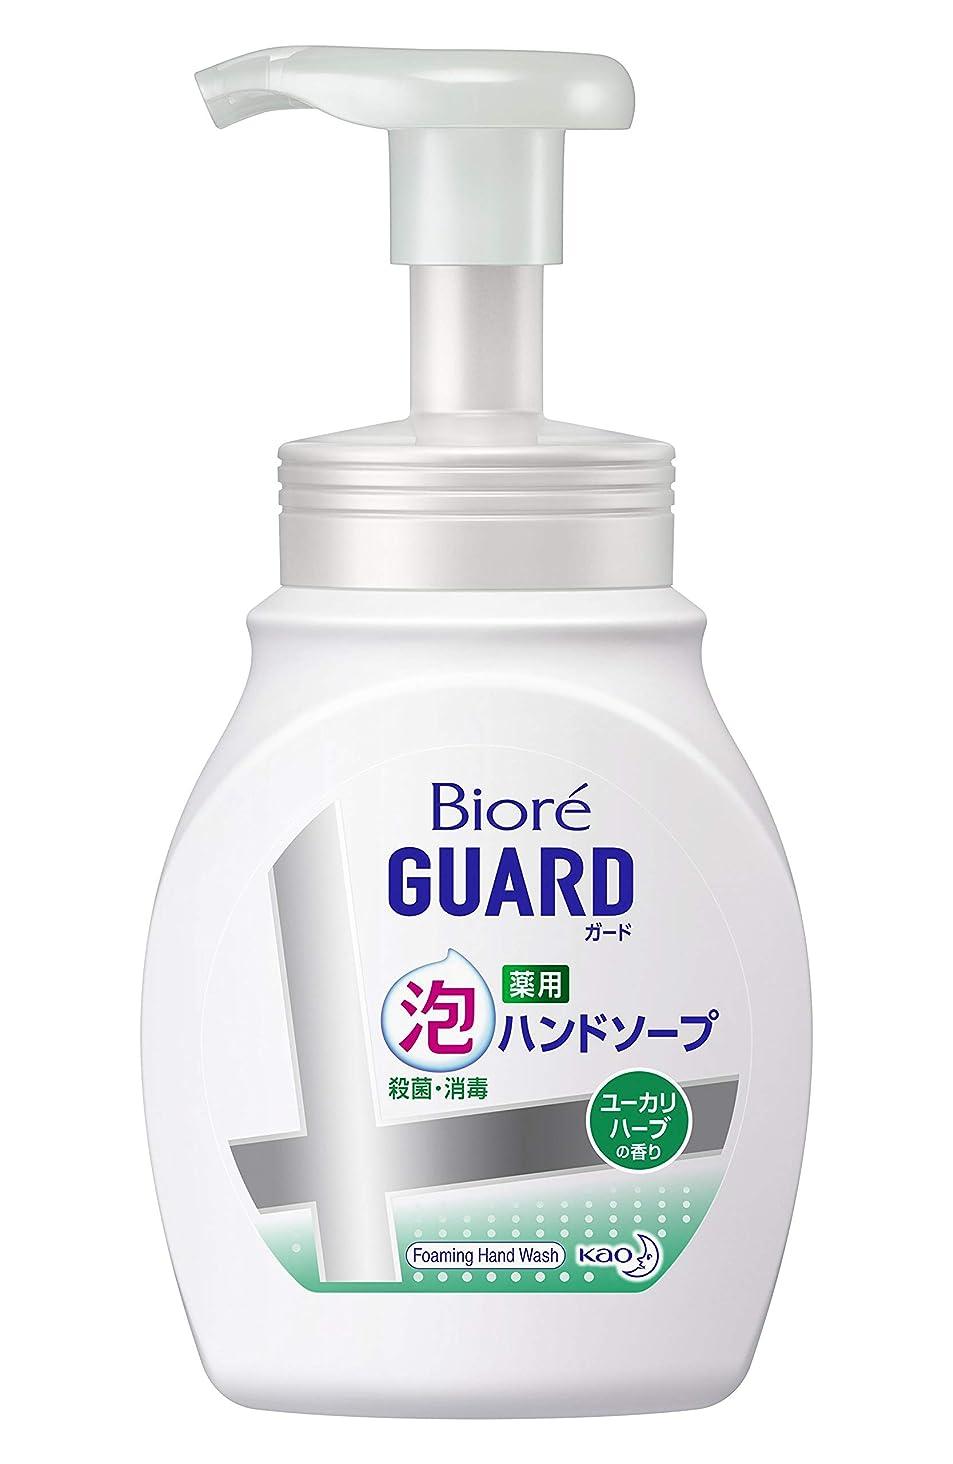 移行振り向くパイビオレガード薬用泡ハンドソープ ユーカリハーブの香り ポンプ 250ml